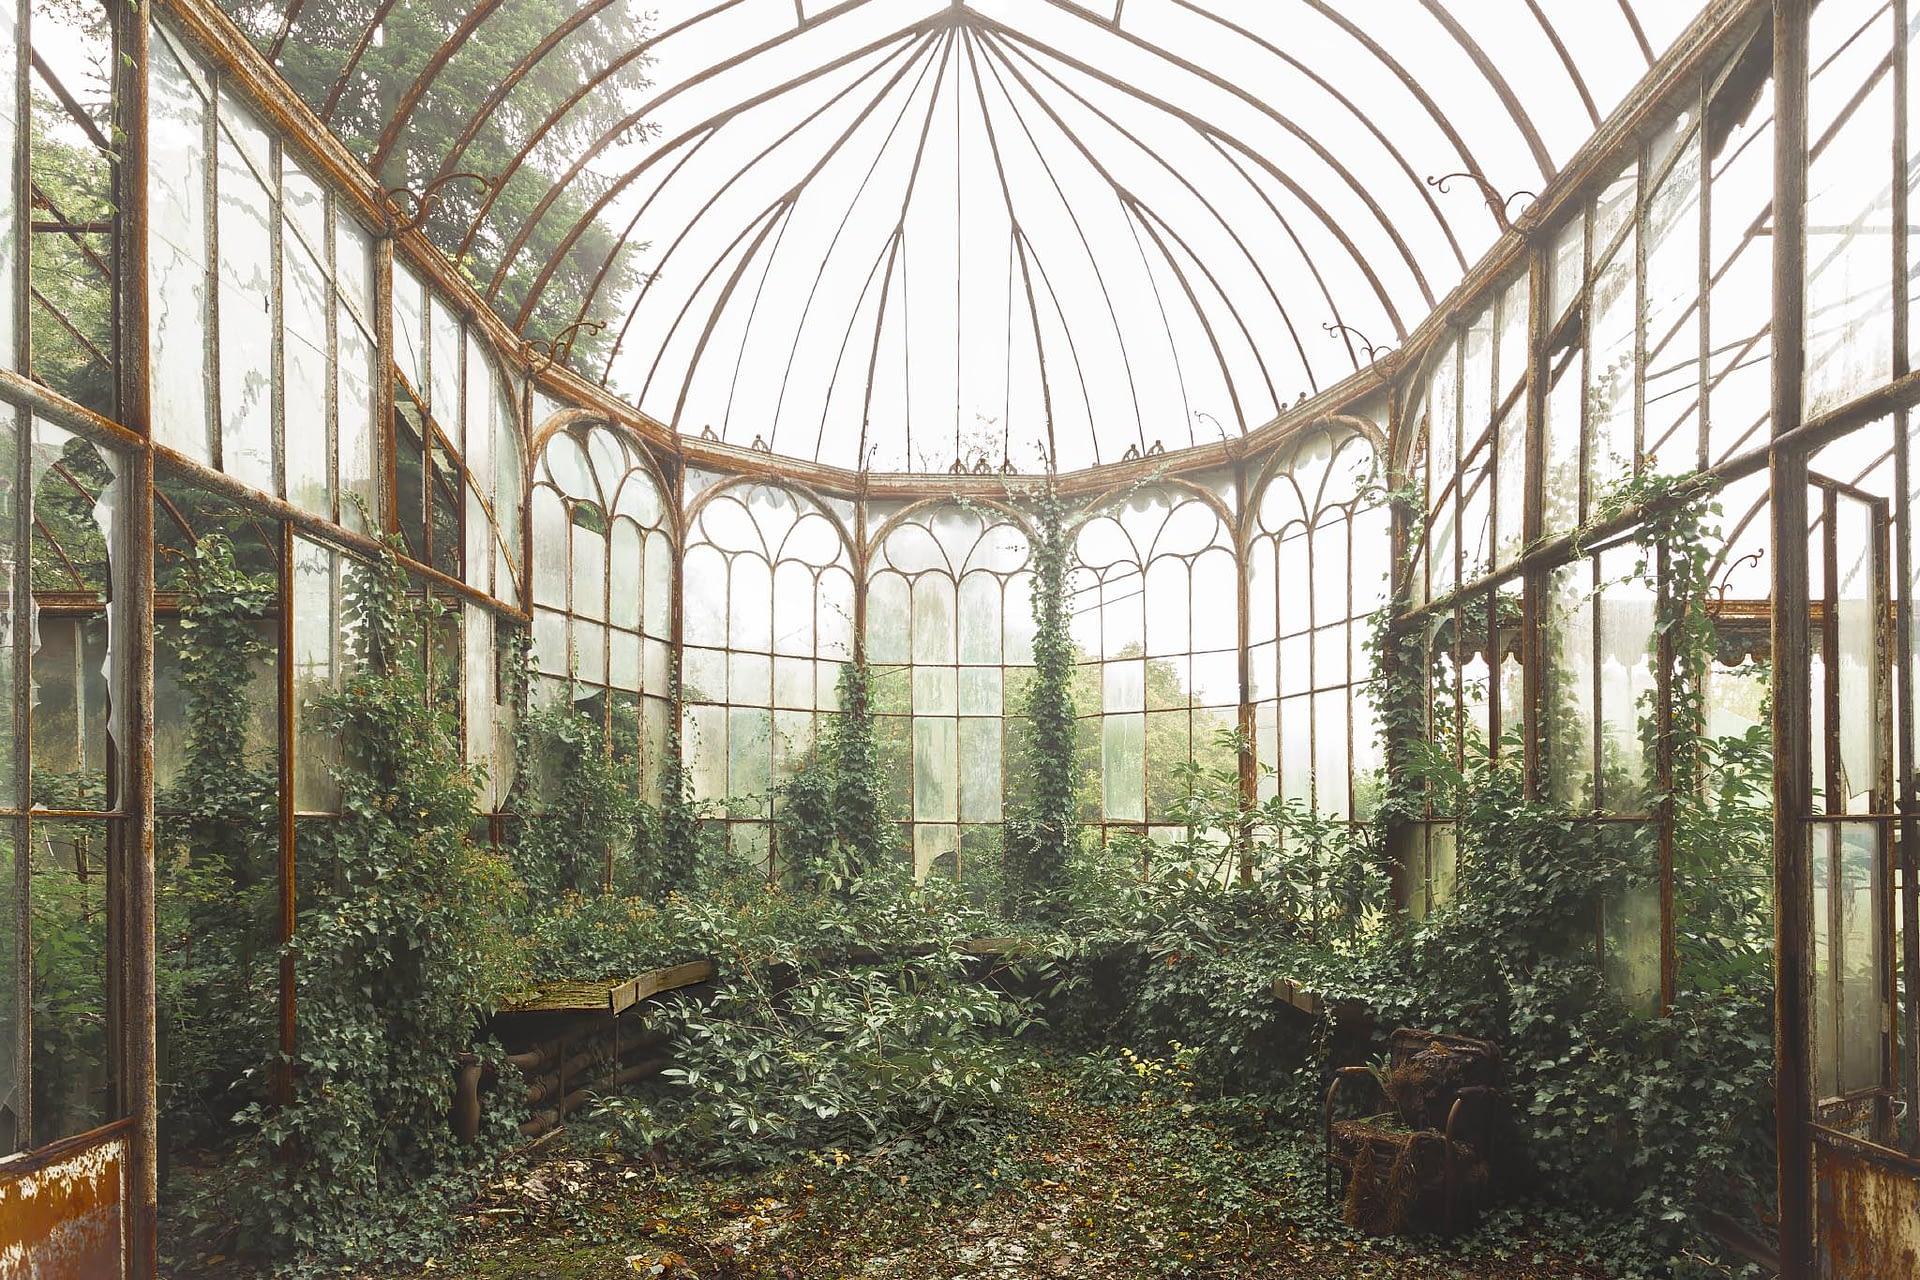 abandoned in Belgium The summer garden